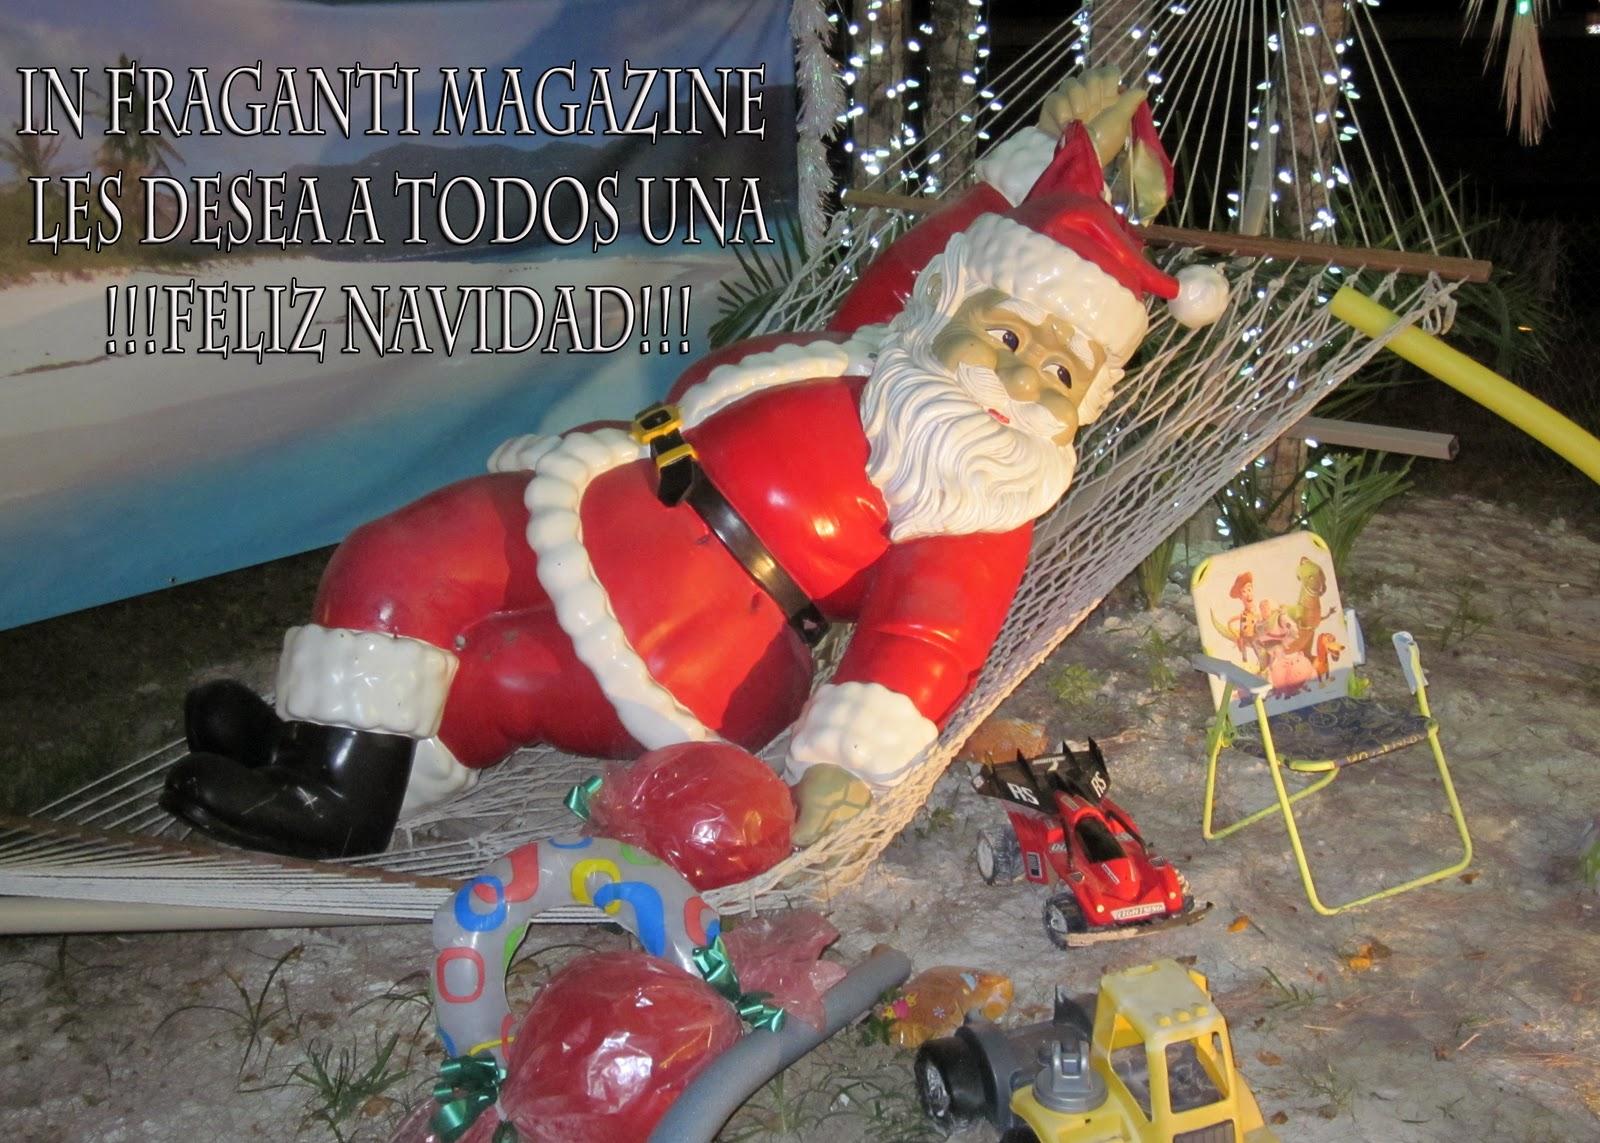 http://1.bp.blogspot.com/-QUCwQUHfRYA/TvYmlQj8RII/AAAAAAAAD9M/MbtzXK7ob7I/s1600/SALUDO+DE+NAVIDAD+IN+FRAGANTI+MAGAZINE.jpg